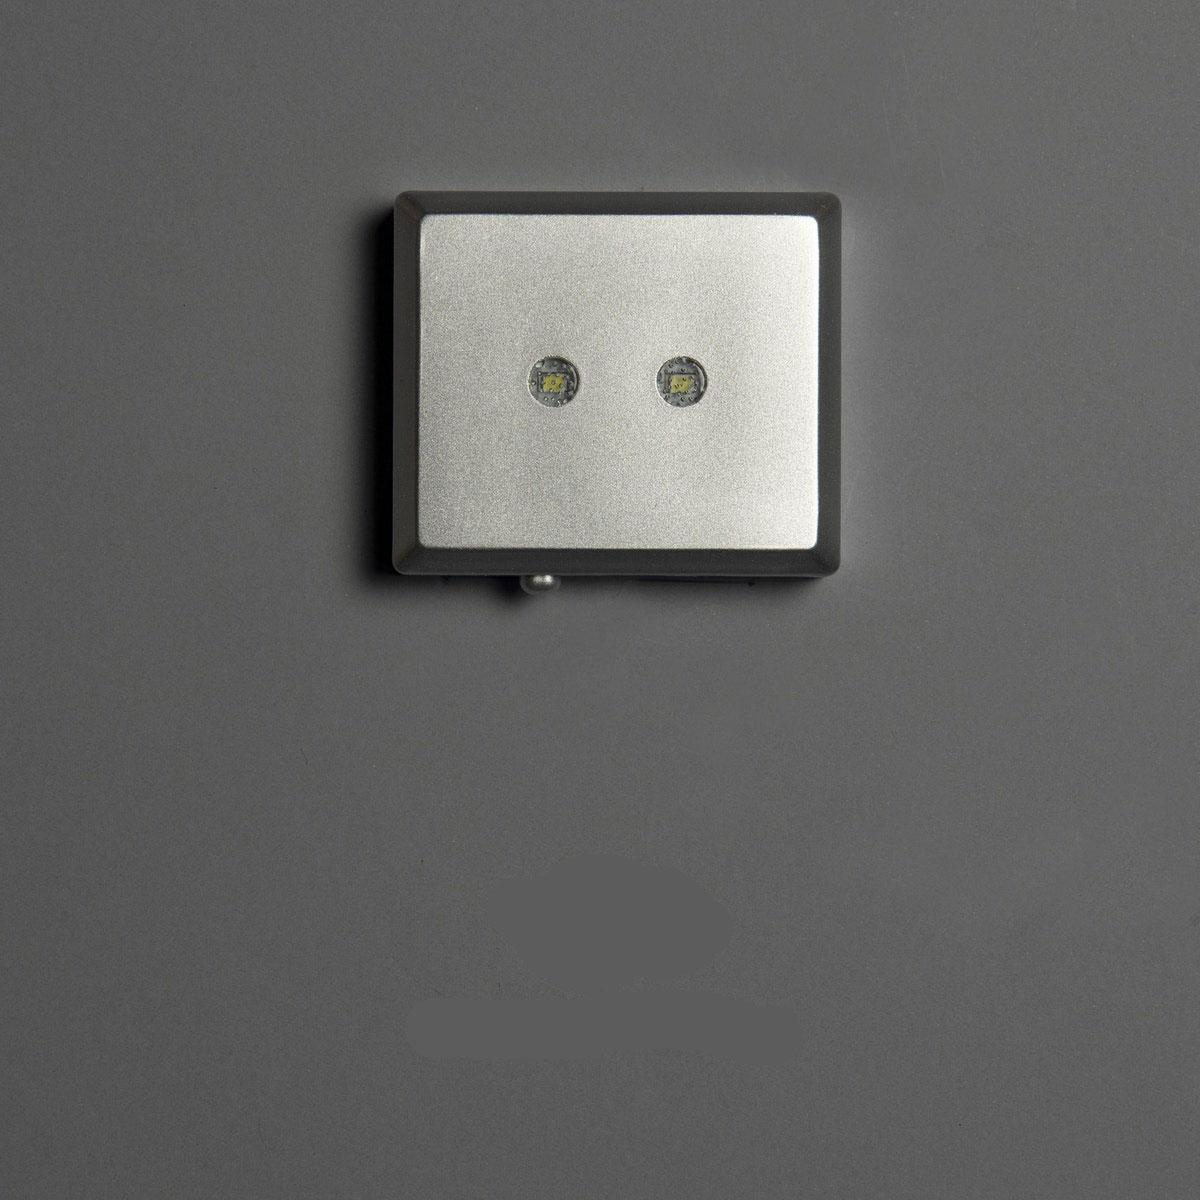 Foto in glas LED opbatterijen 2 lampen